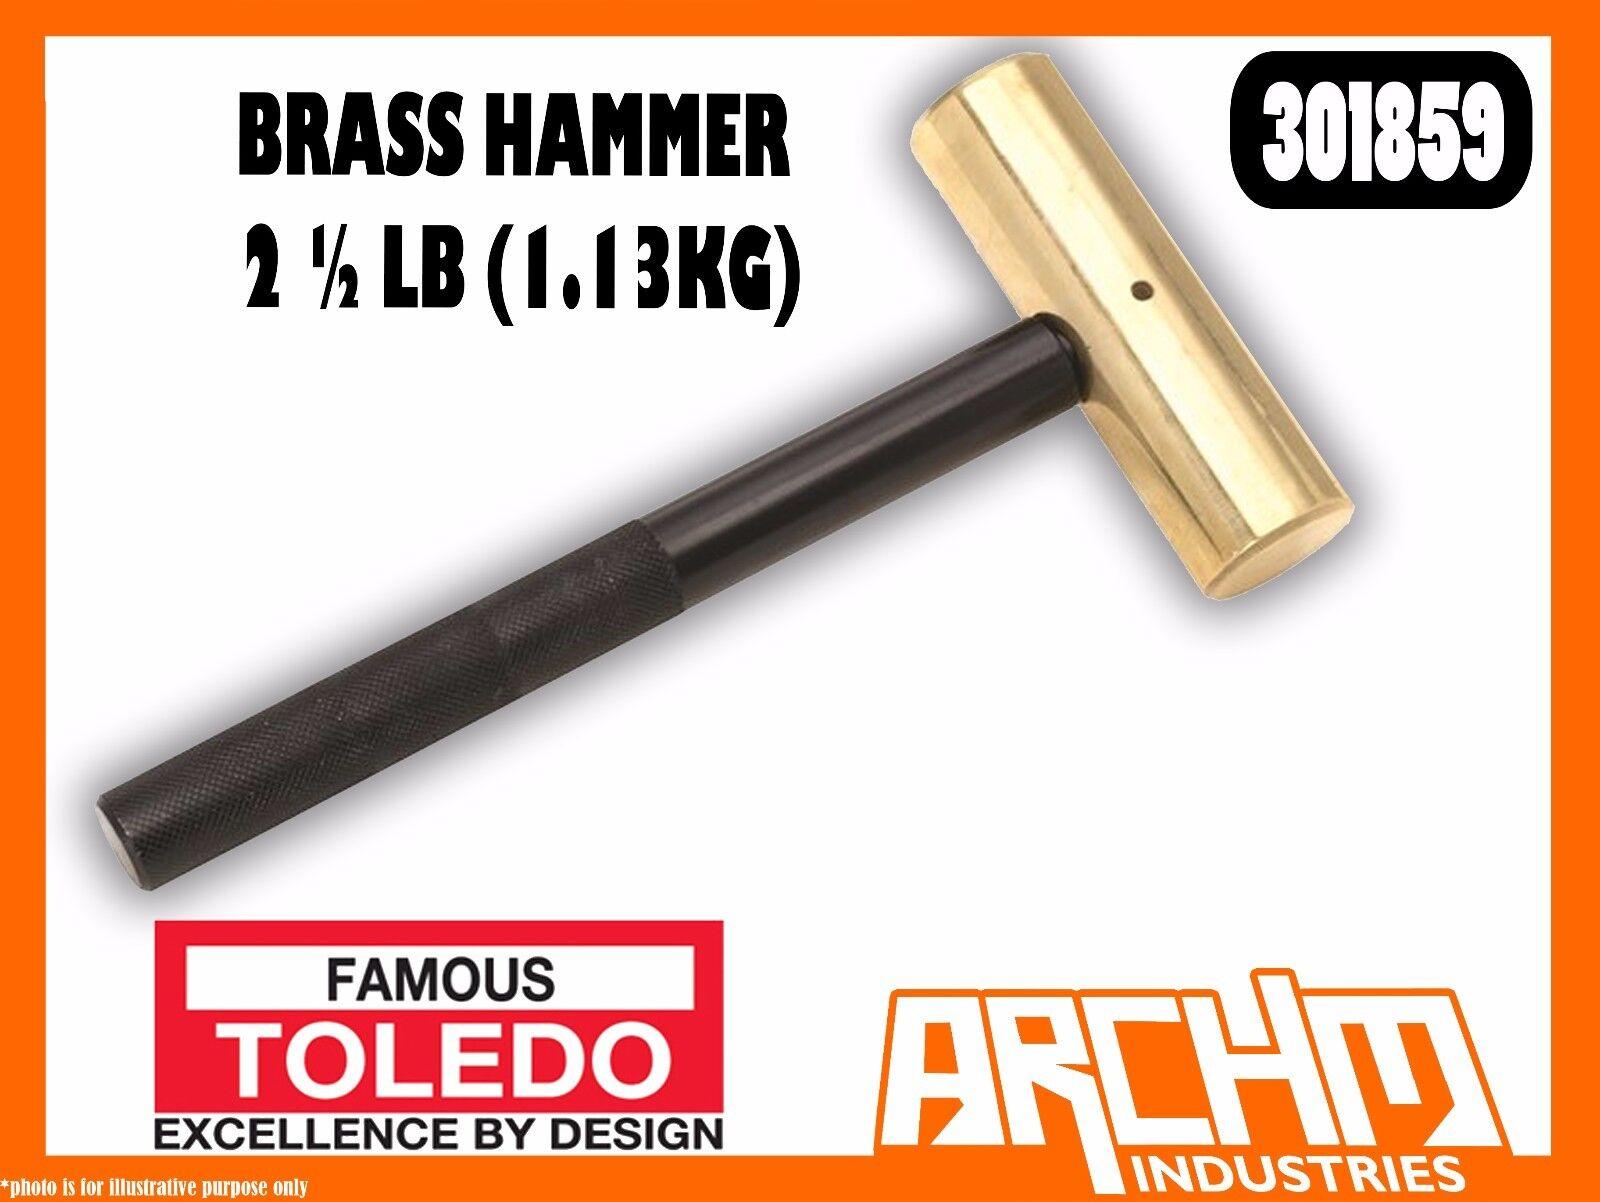 TOLEDO 301859 - BRASS HAMMER - 2 ½ LB (1.13KG) - NON SPARKING & MARRING